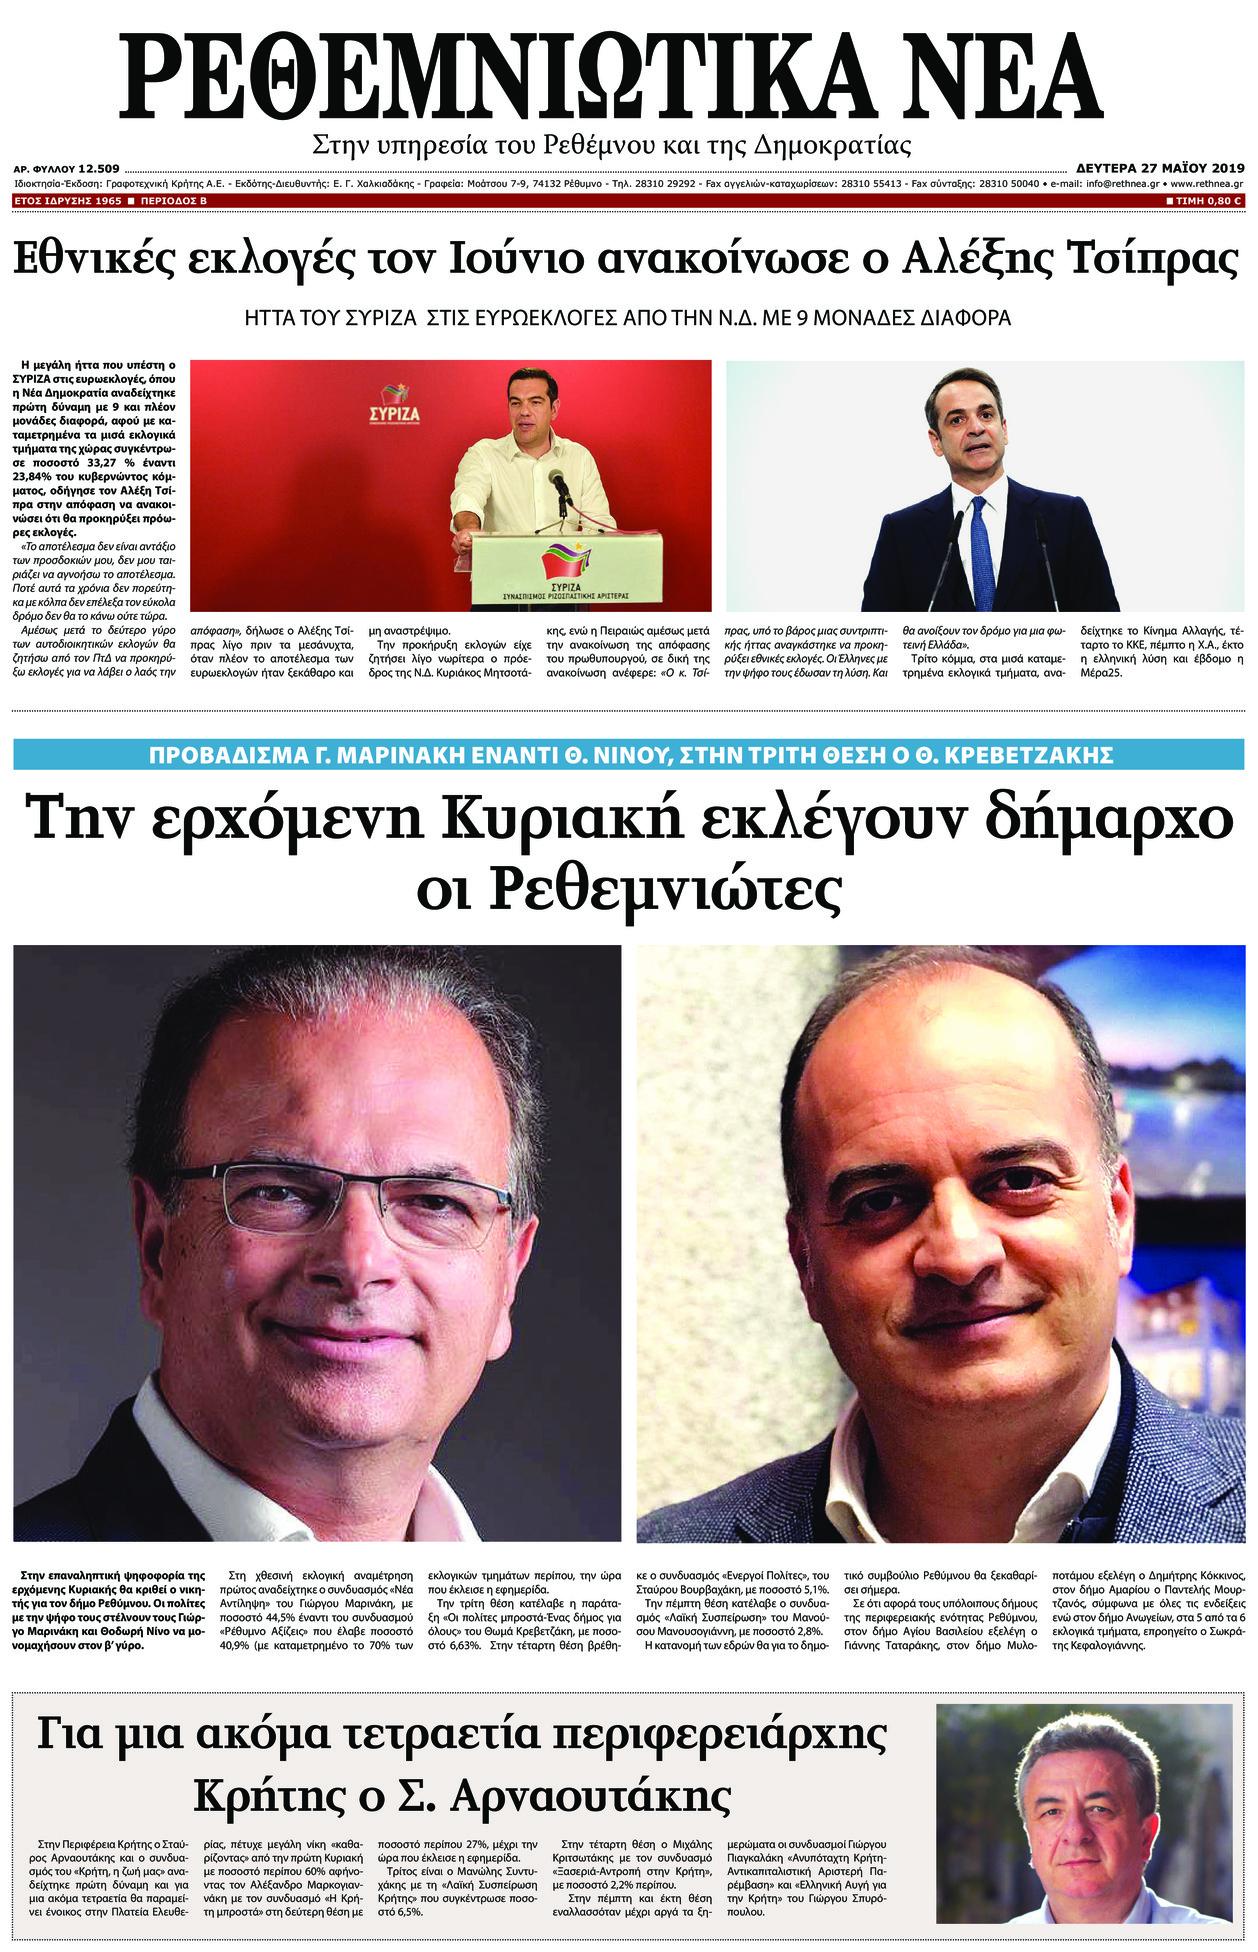 Πρωτοσέλιδο εφημερίδας Ρεθεμνιώτικα Νέα